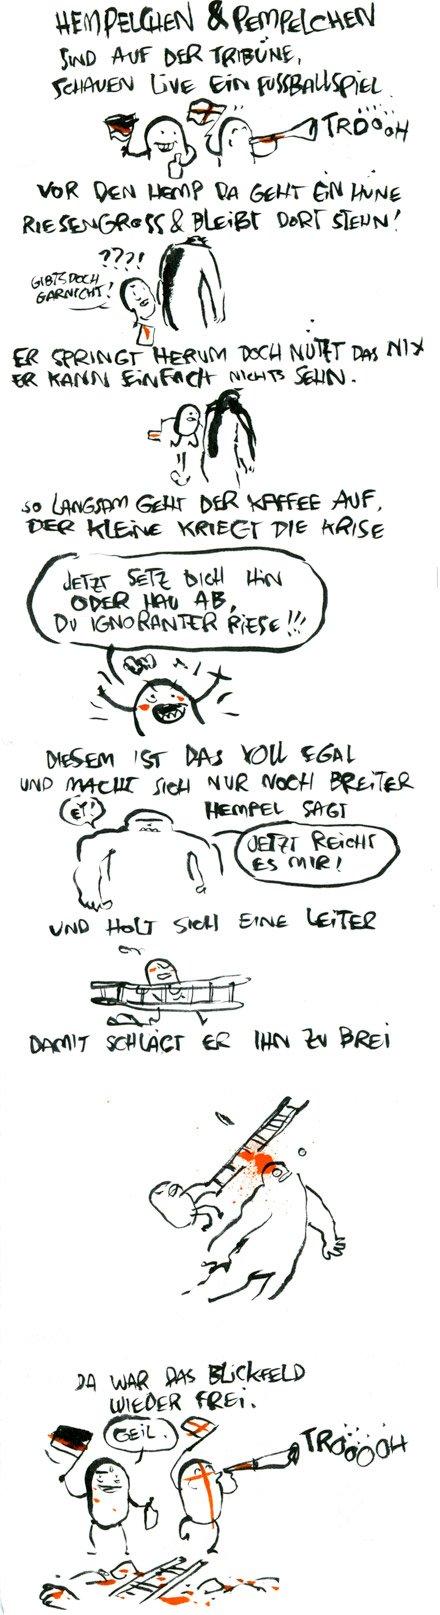 wm 2010 comic